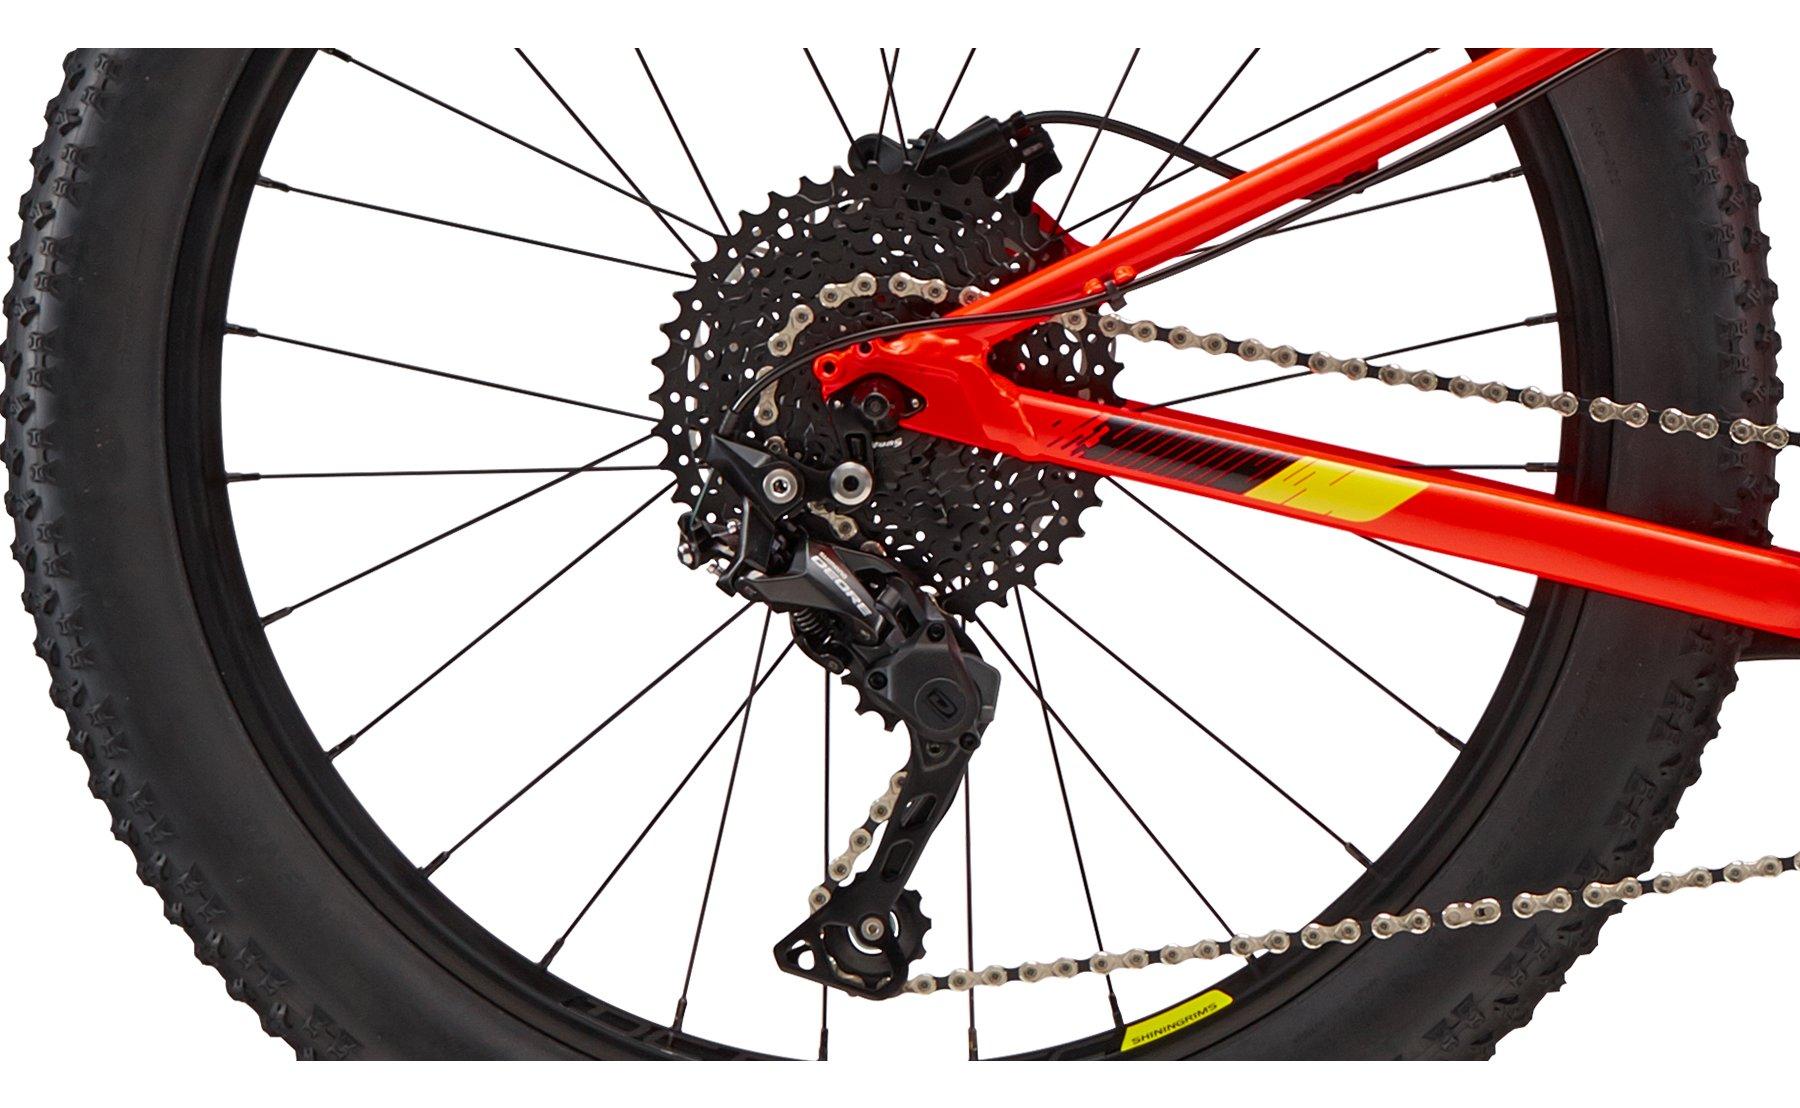 b84117219af Cannondale Cujo 24 LTD 2019 24 Zoll bestellen | Fahrrad XXL